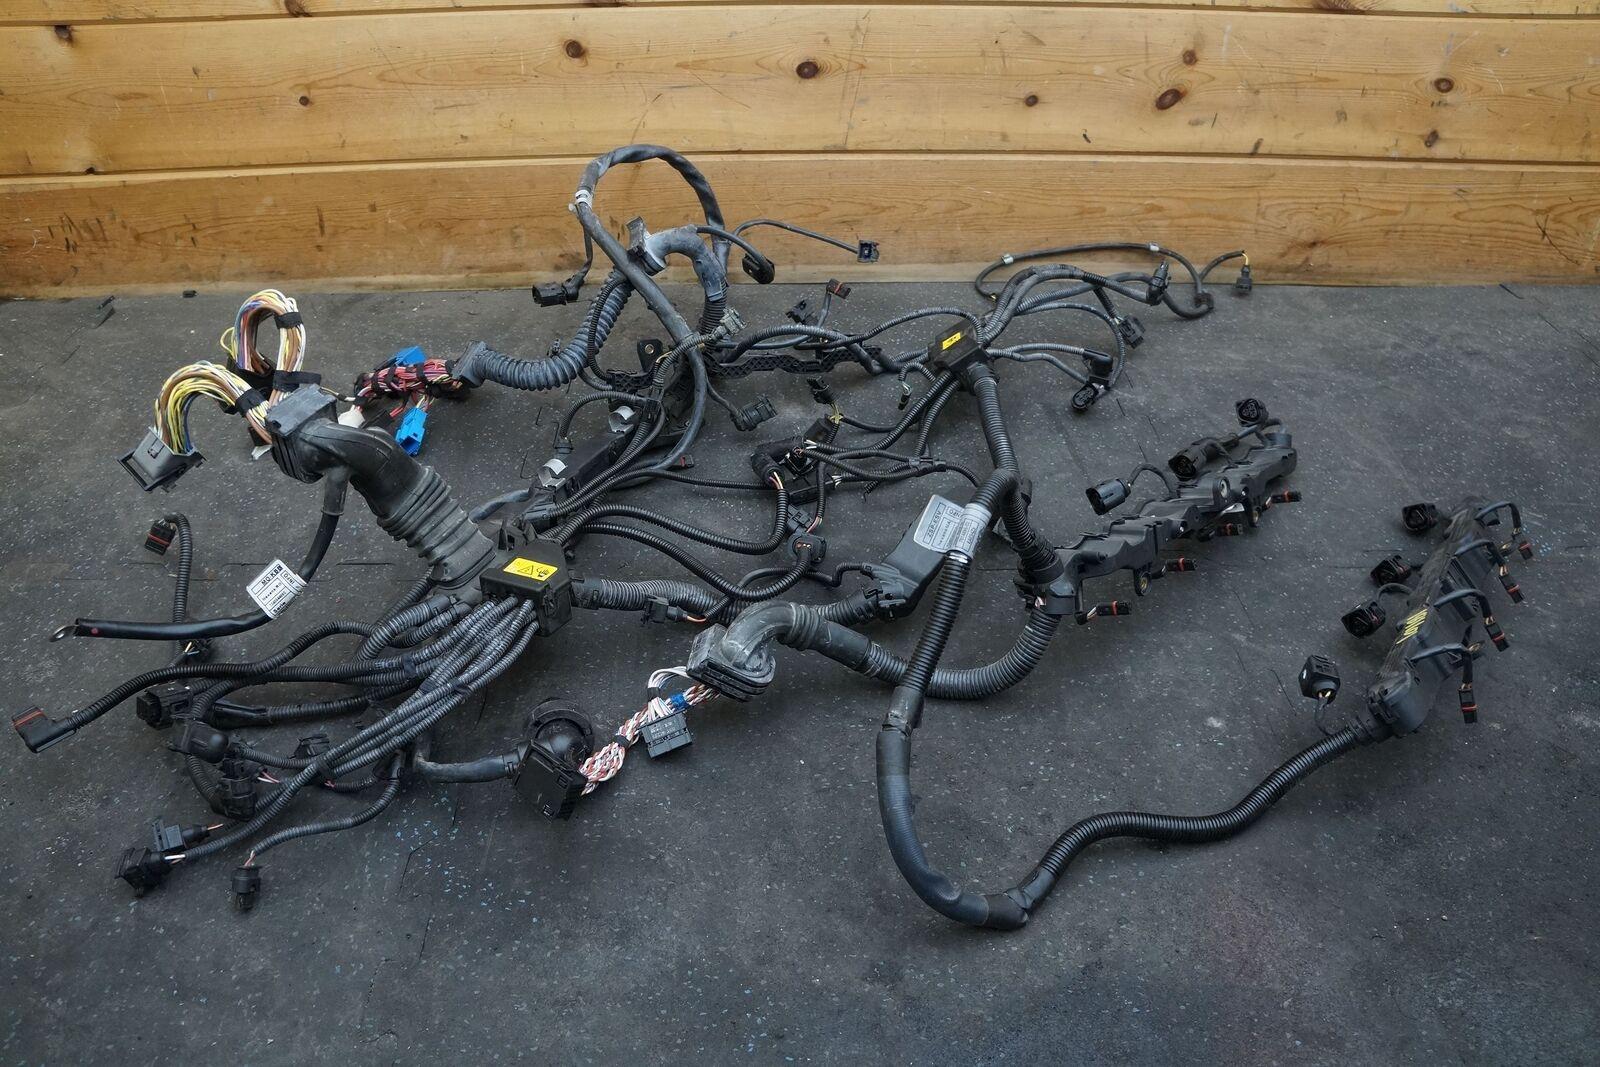 4 4l v8 engine wiring harness set 12517614896 12517638767 bmw 550 gt 4 4l v8 engine wiring harness